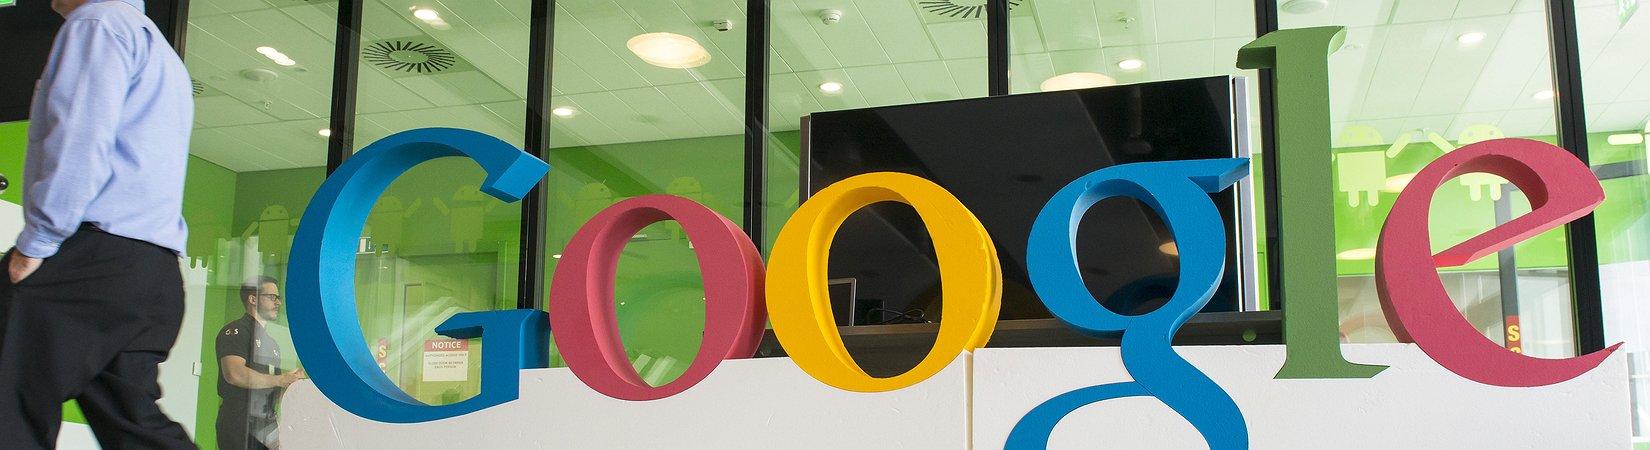 19 datos sobre Google que seguramente desconocías